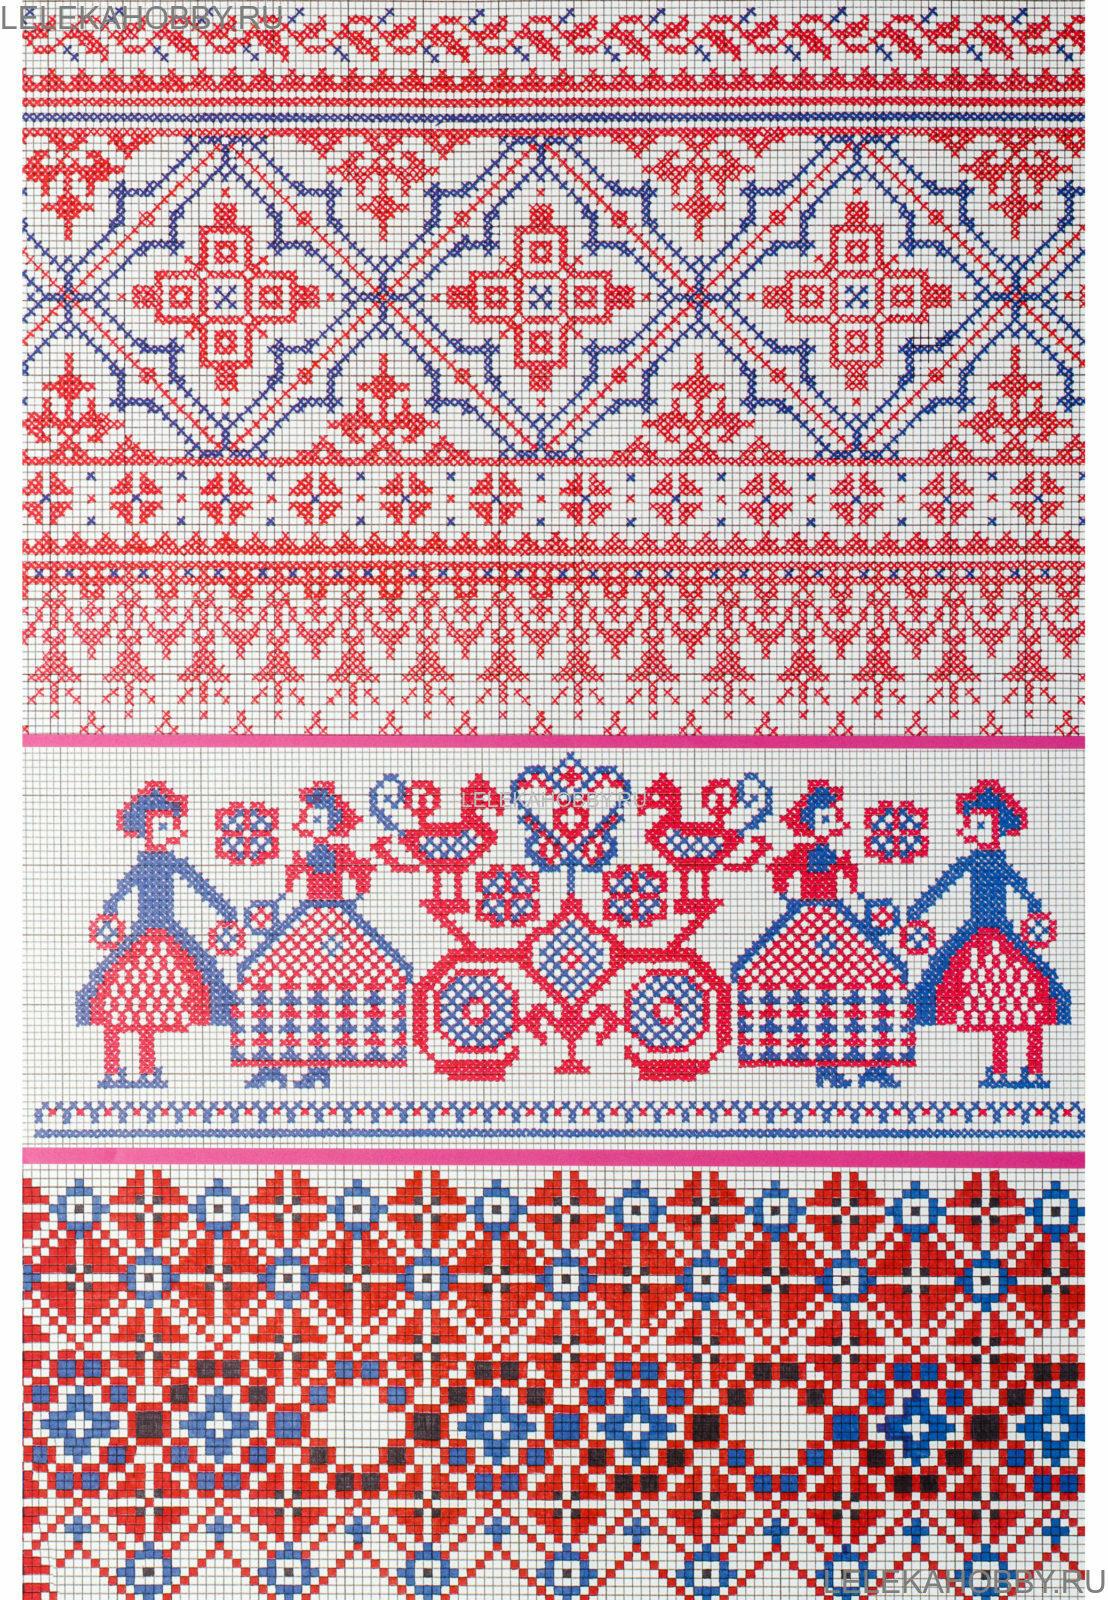 Вышивка в русском стиле крестом